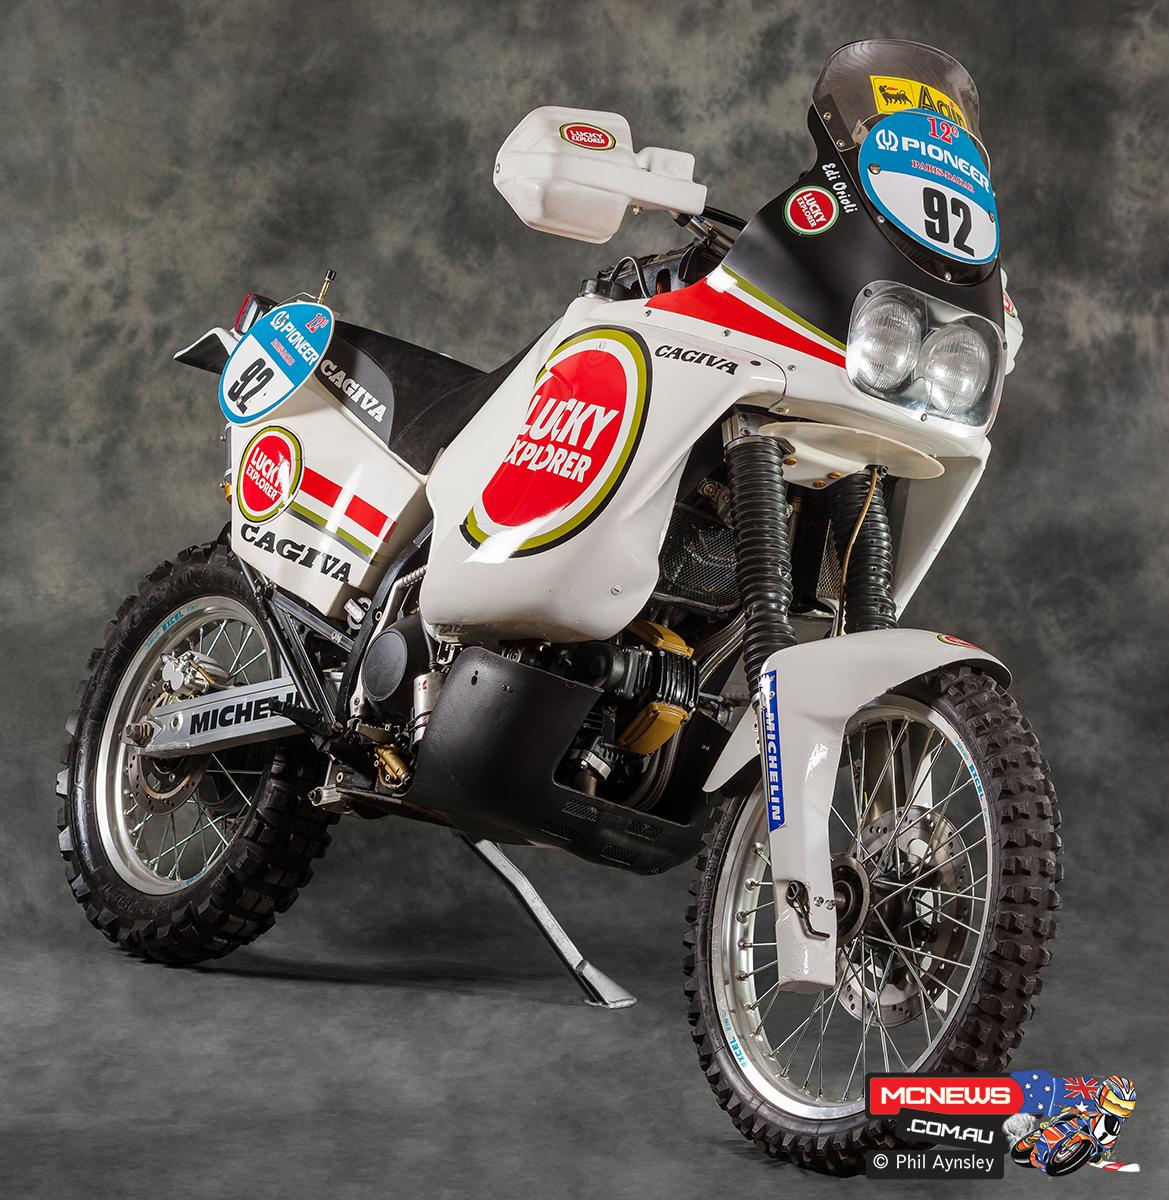 Edi Orioli Cagiva Paris Dakar Racer With Phil Aynsley